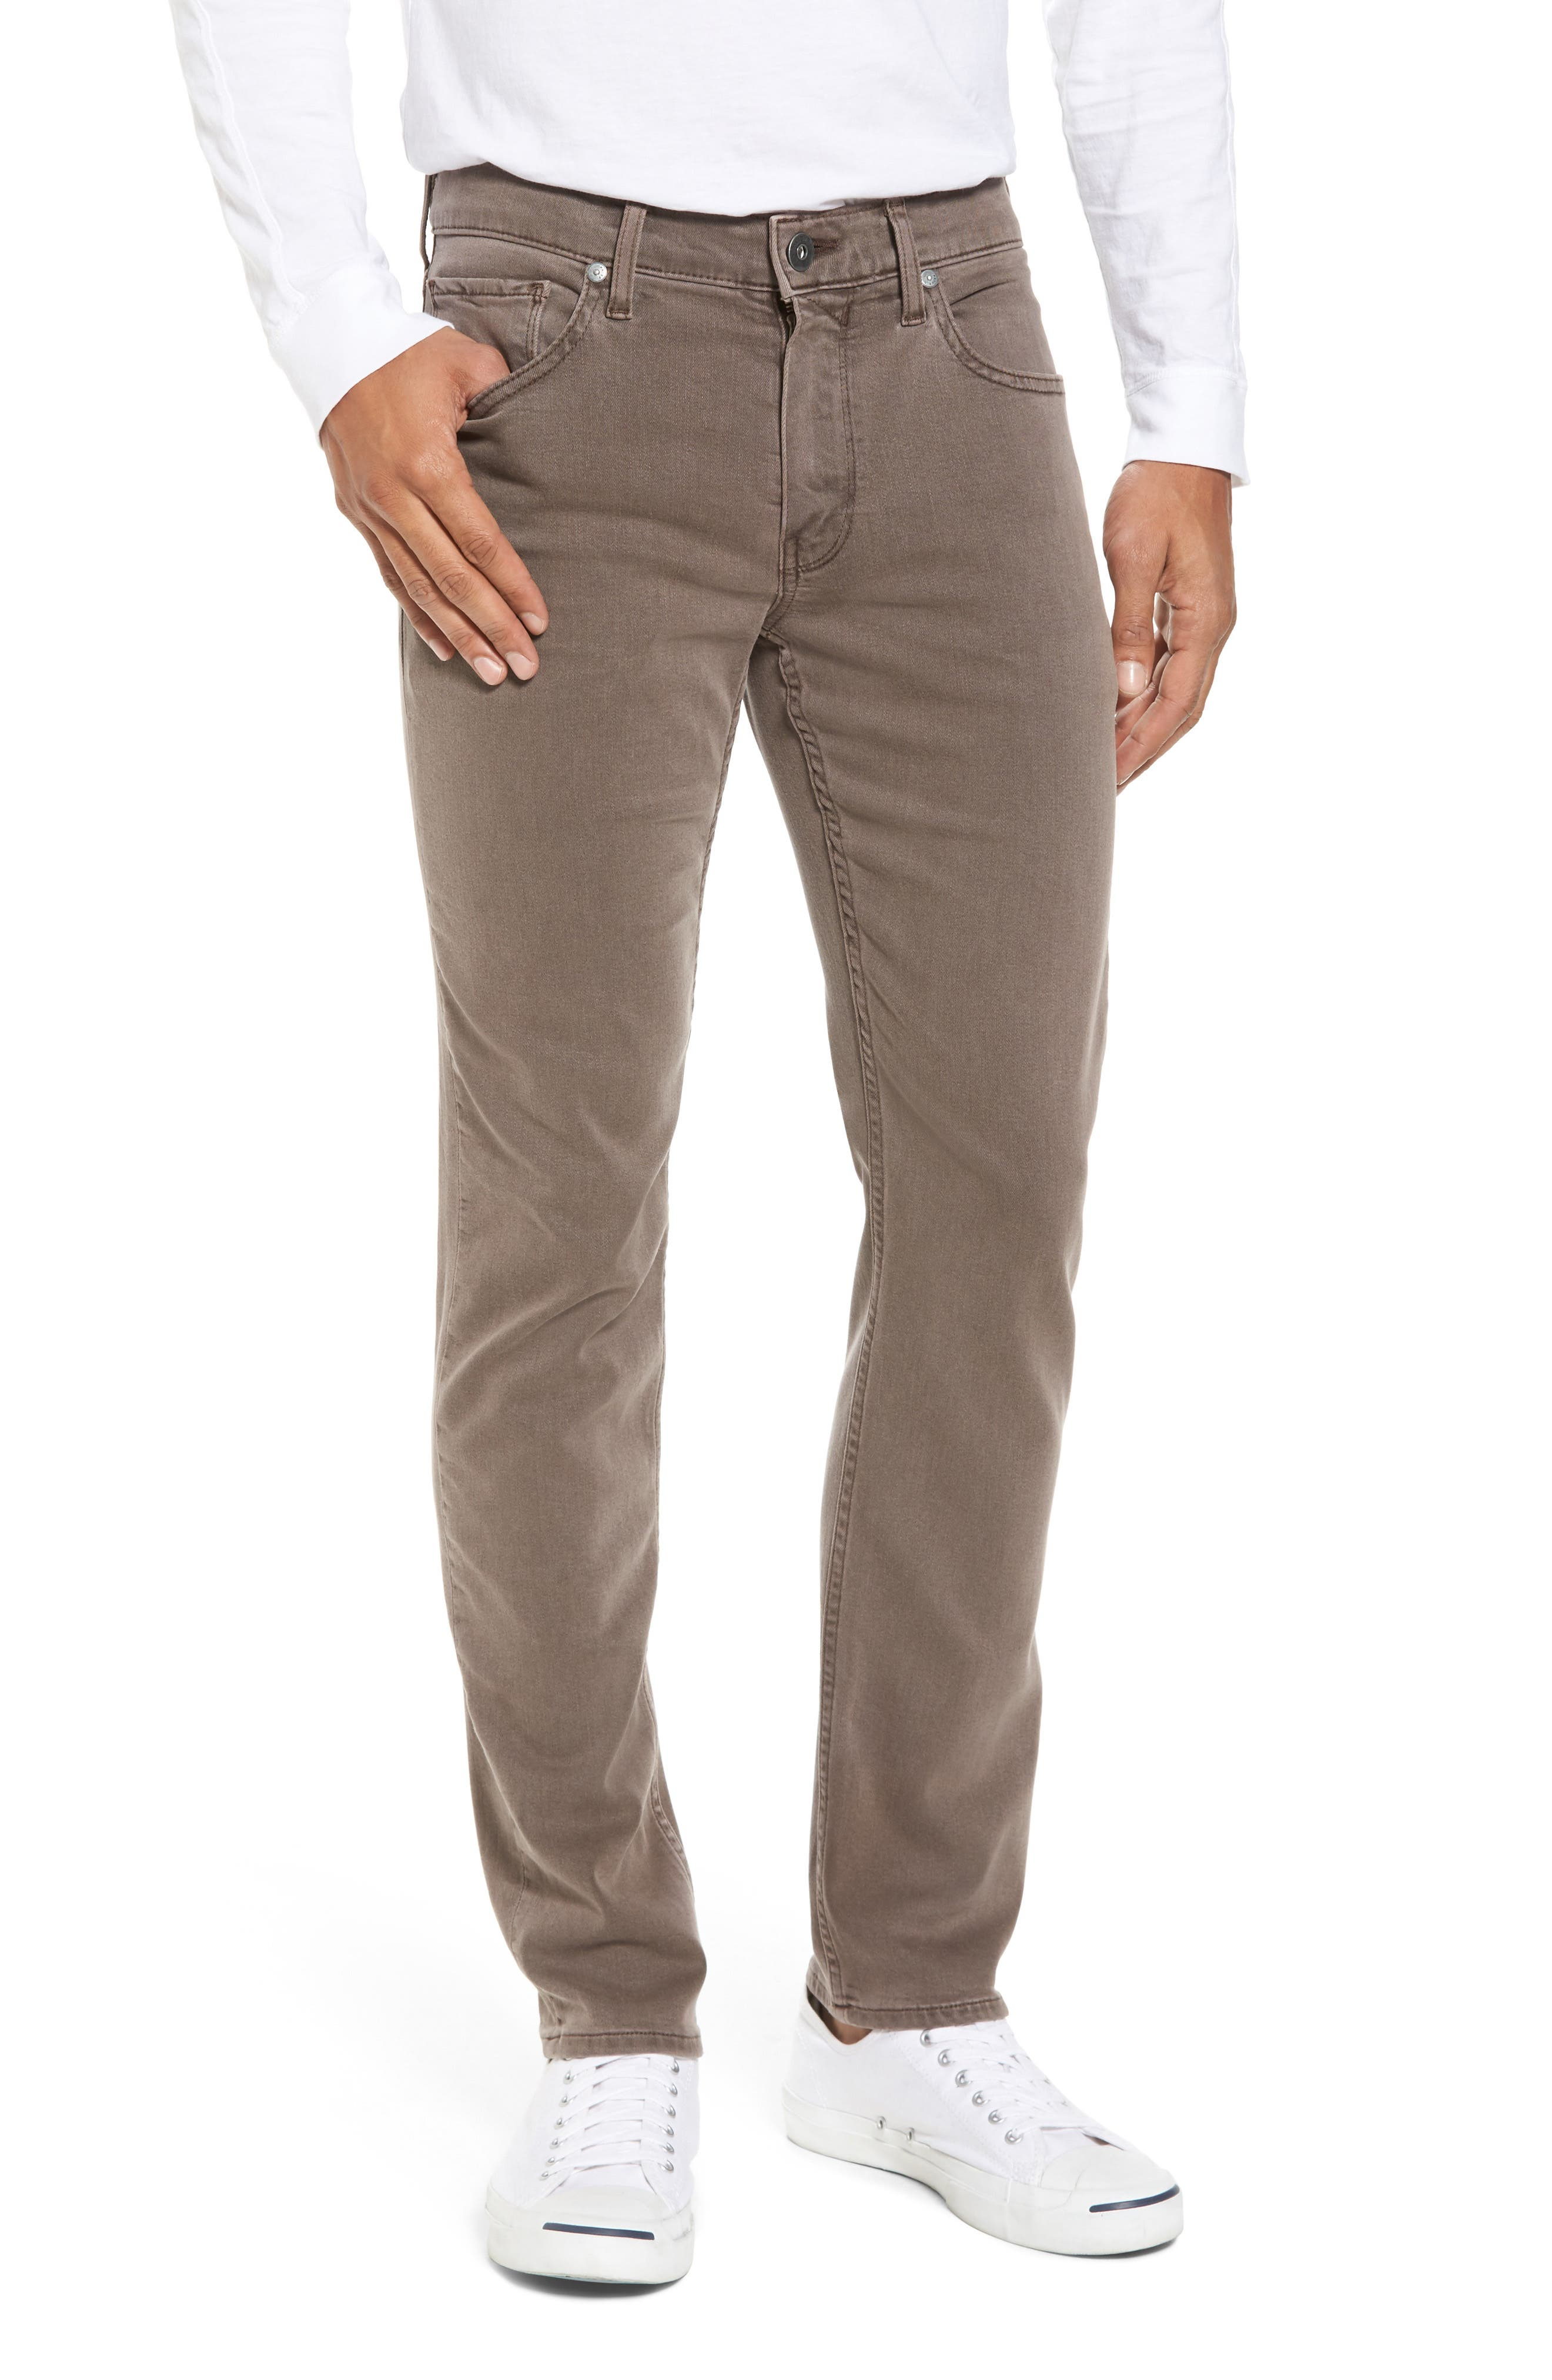 Alternate Image 1 Selected - PAIGE Transcend - Lennox Slim Fit Jeans (Vintage Sand Bar)